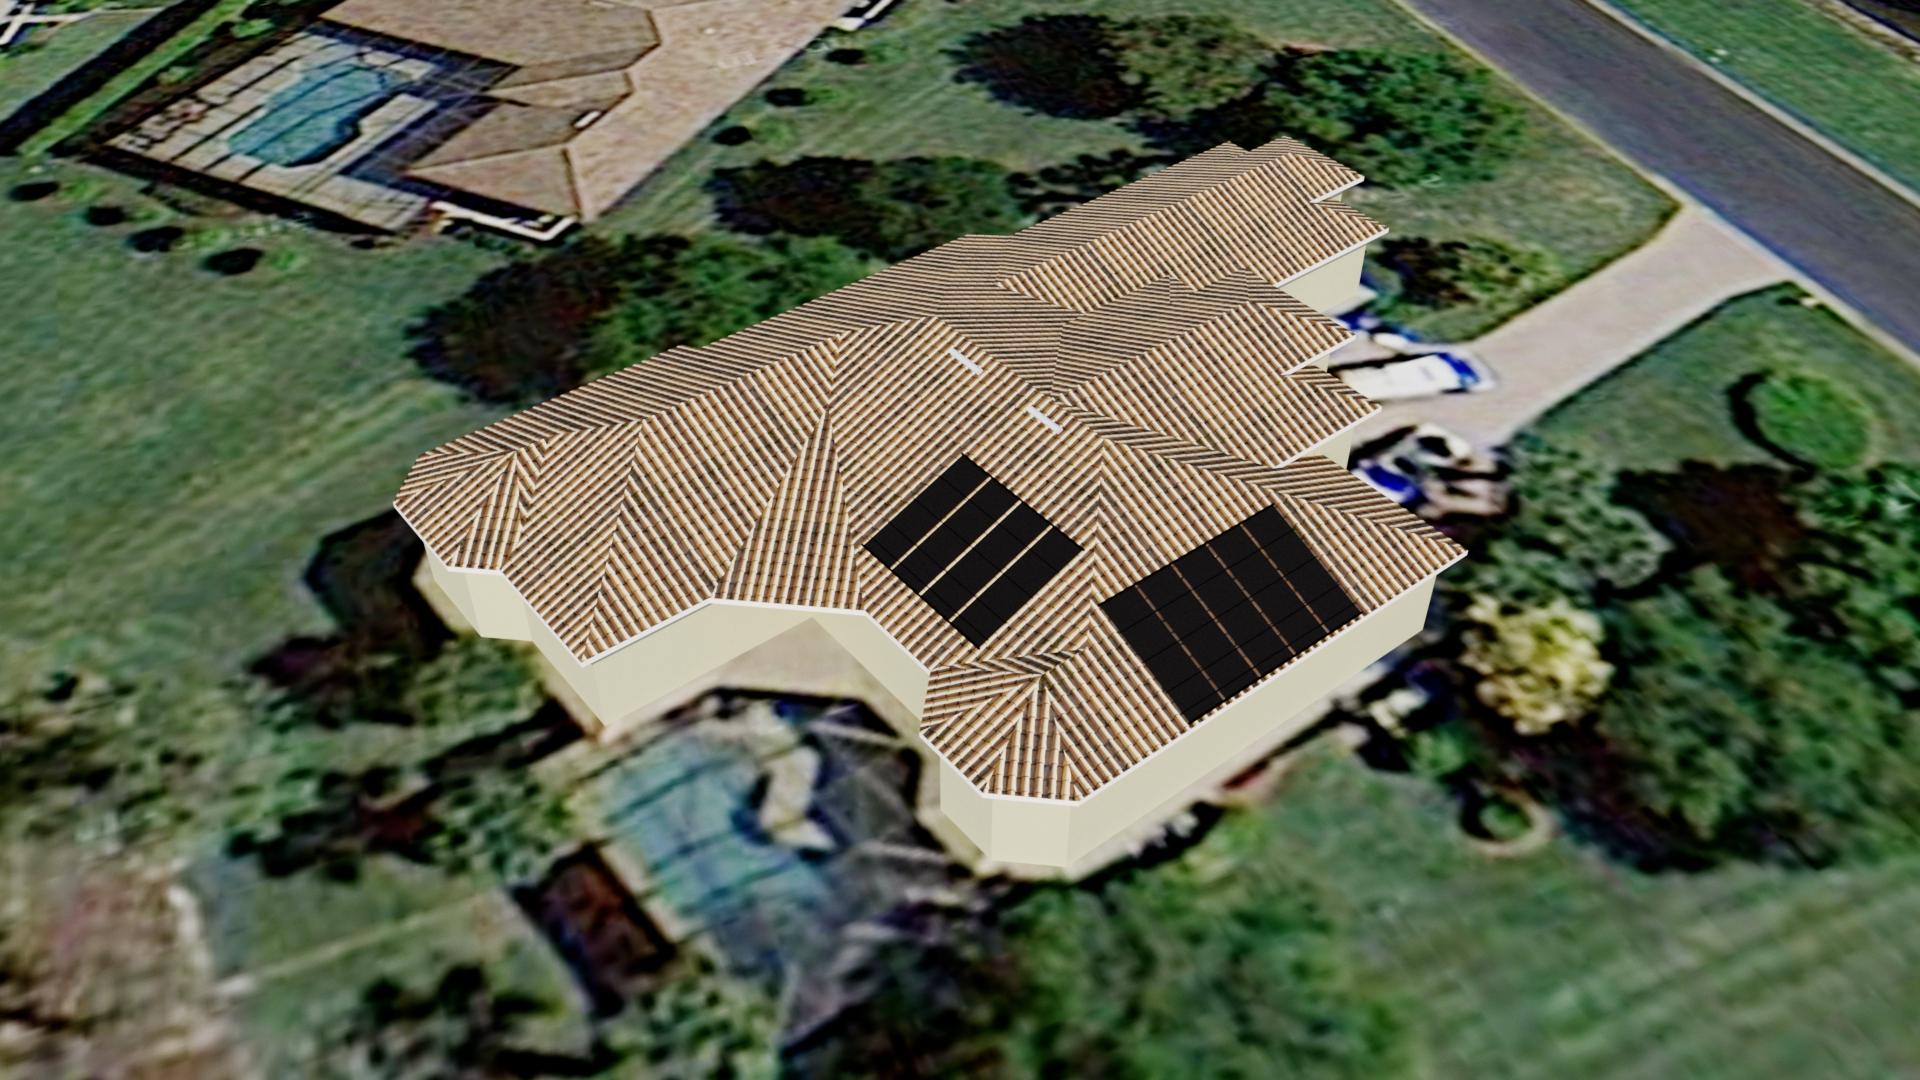 Estero Solar Pool Heating Design